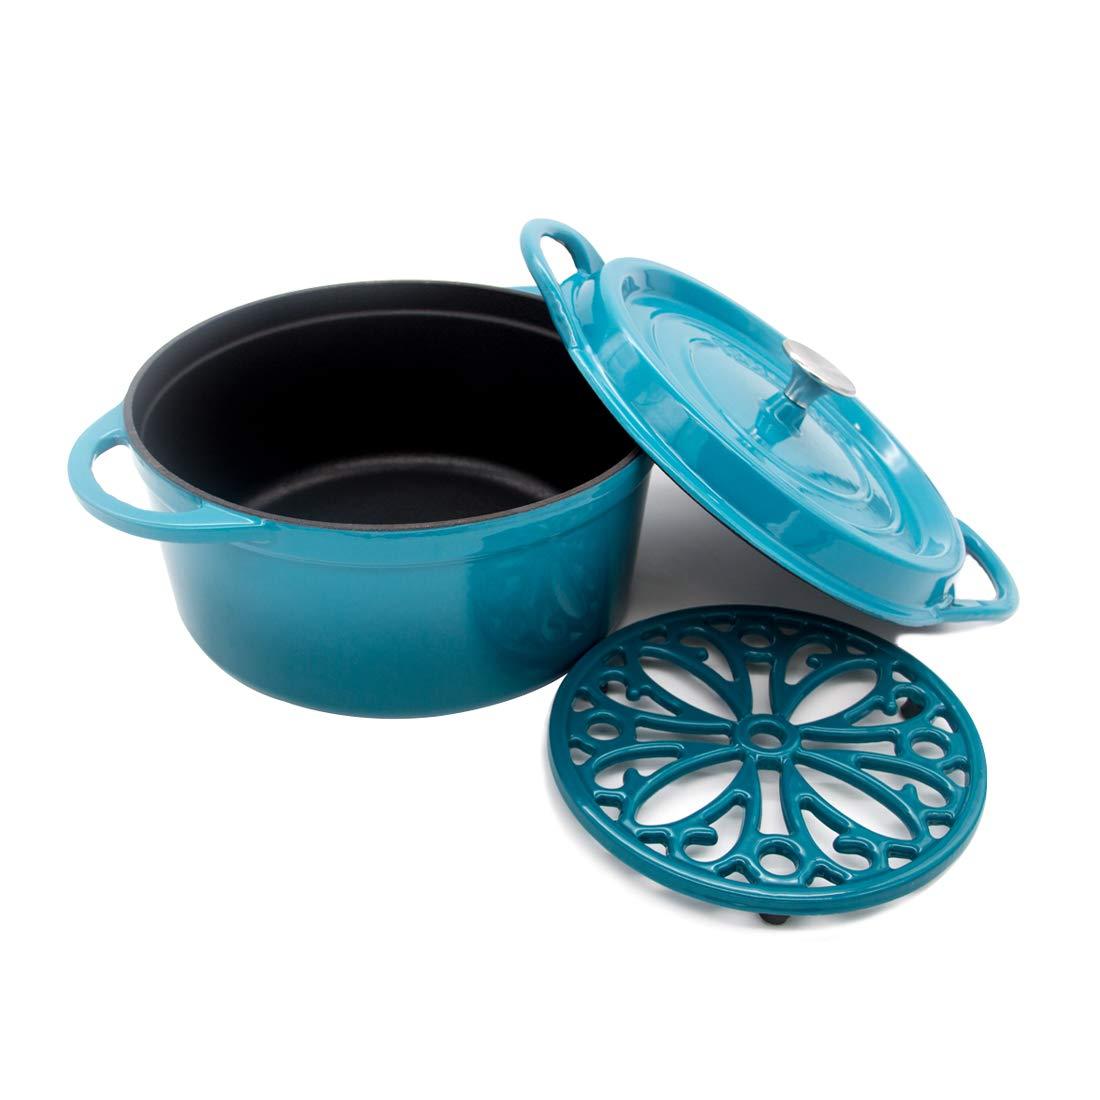 Cast Iron Dutch Oven with Lid Enamel Cookware Trivet Dual Handles 7.5 Qt Blue T&H Danc